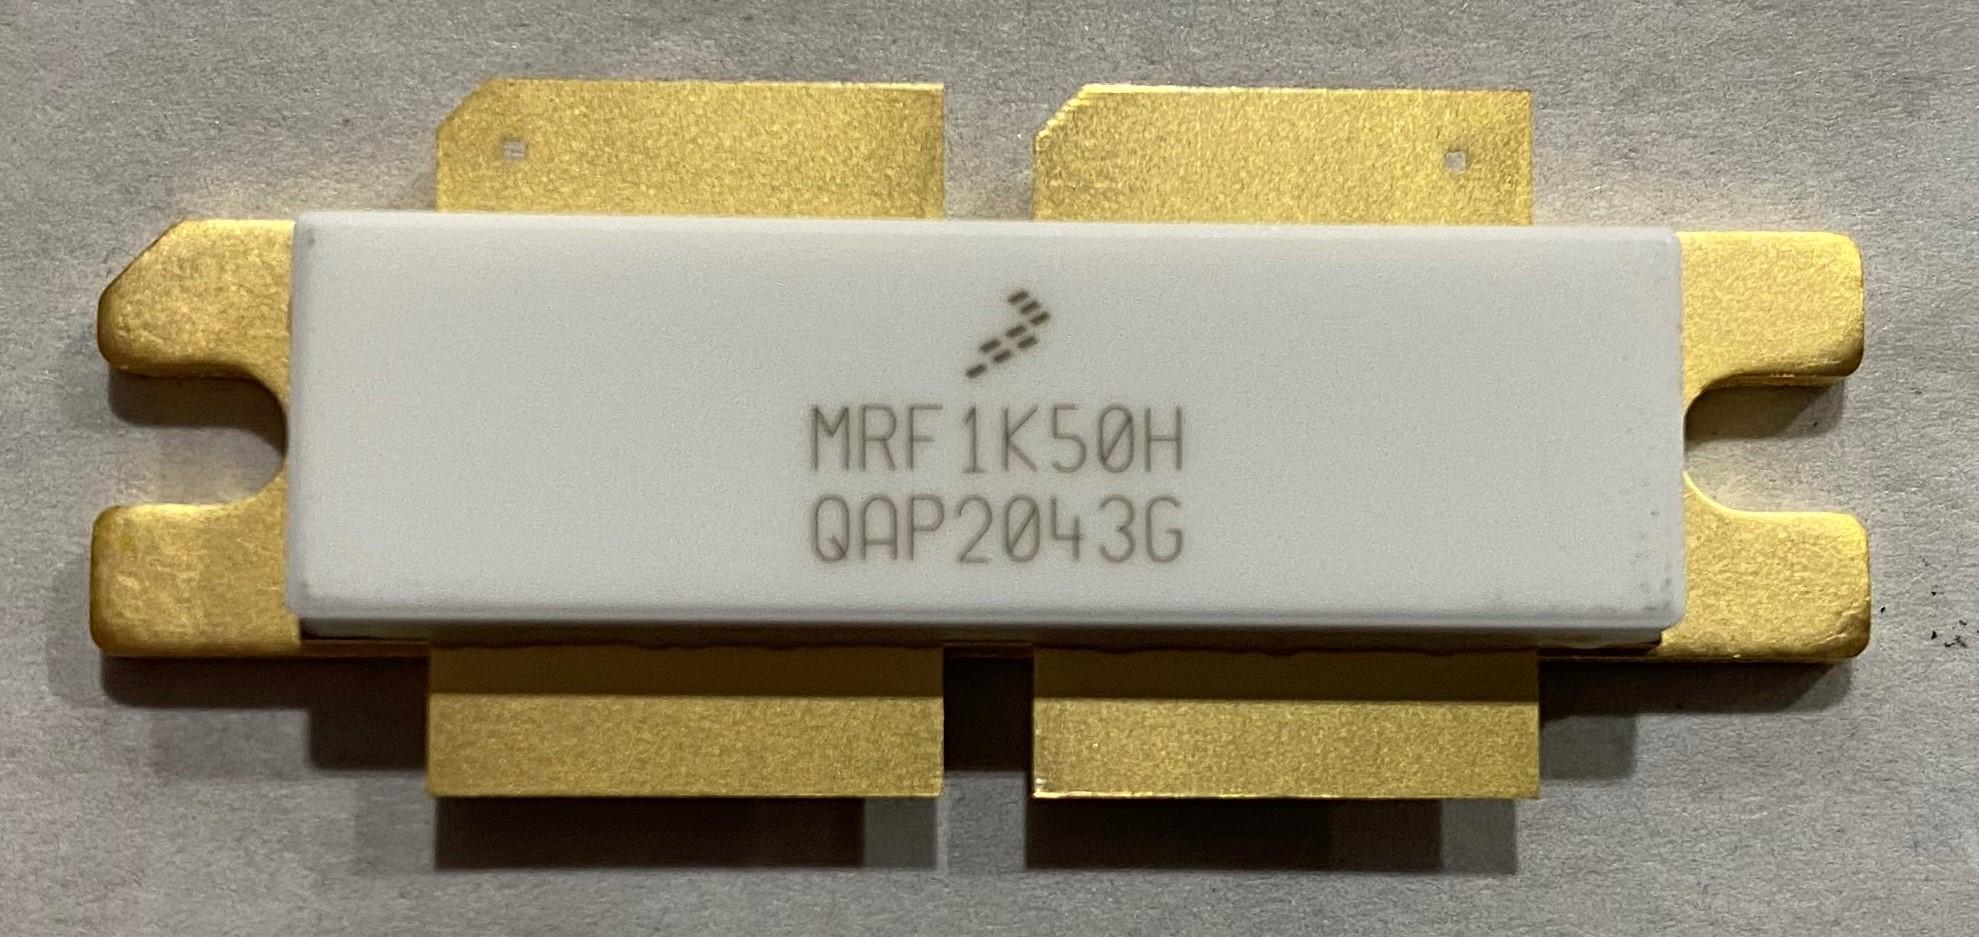 MRF1K50HR5